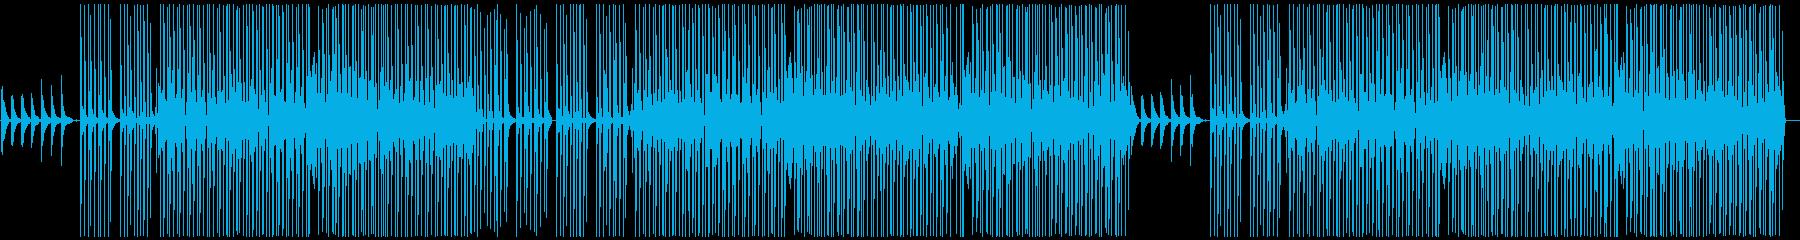 ポップダンス。メロディックの再生済みの波形